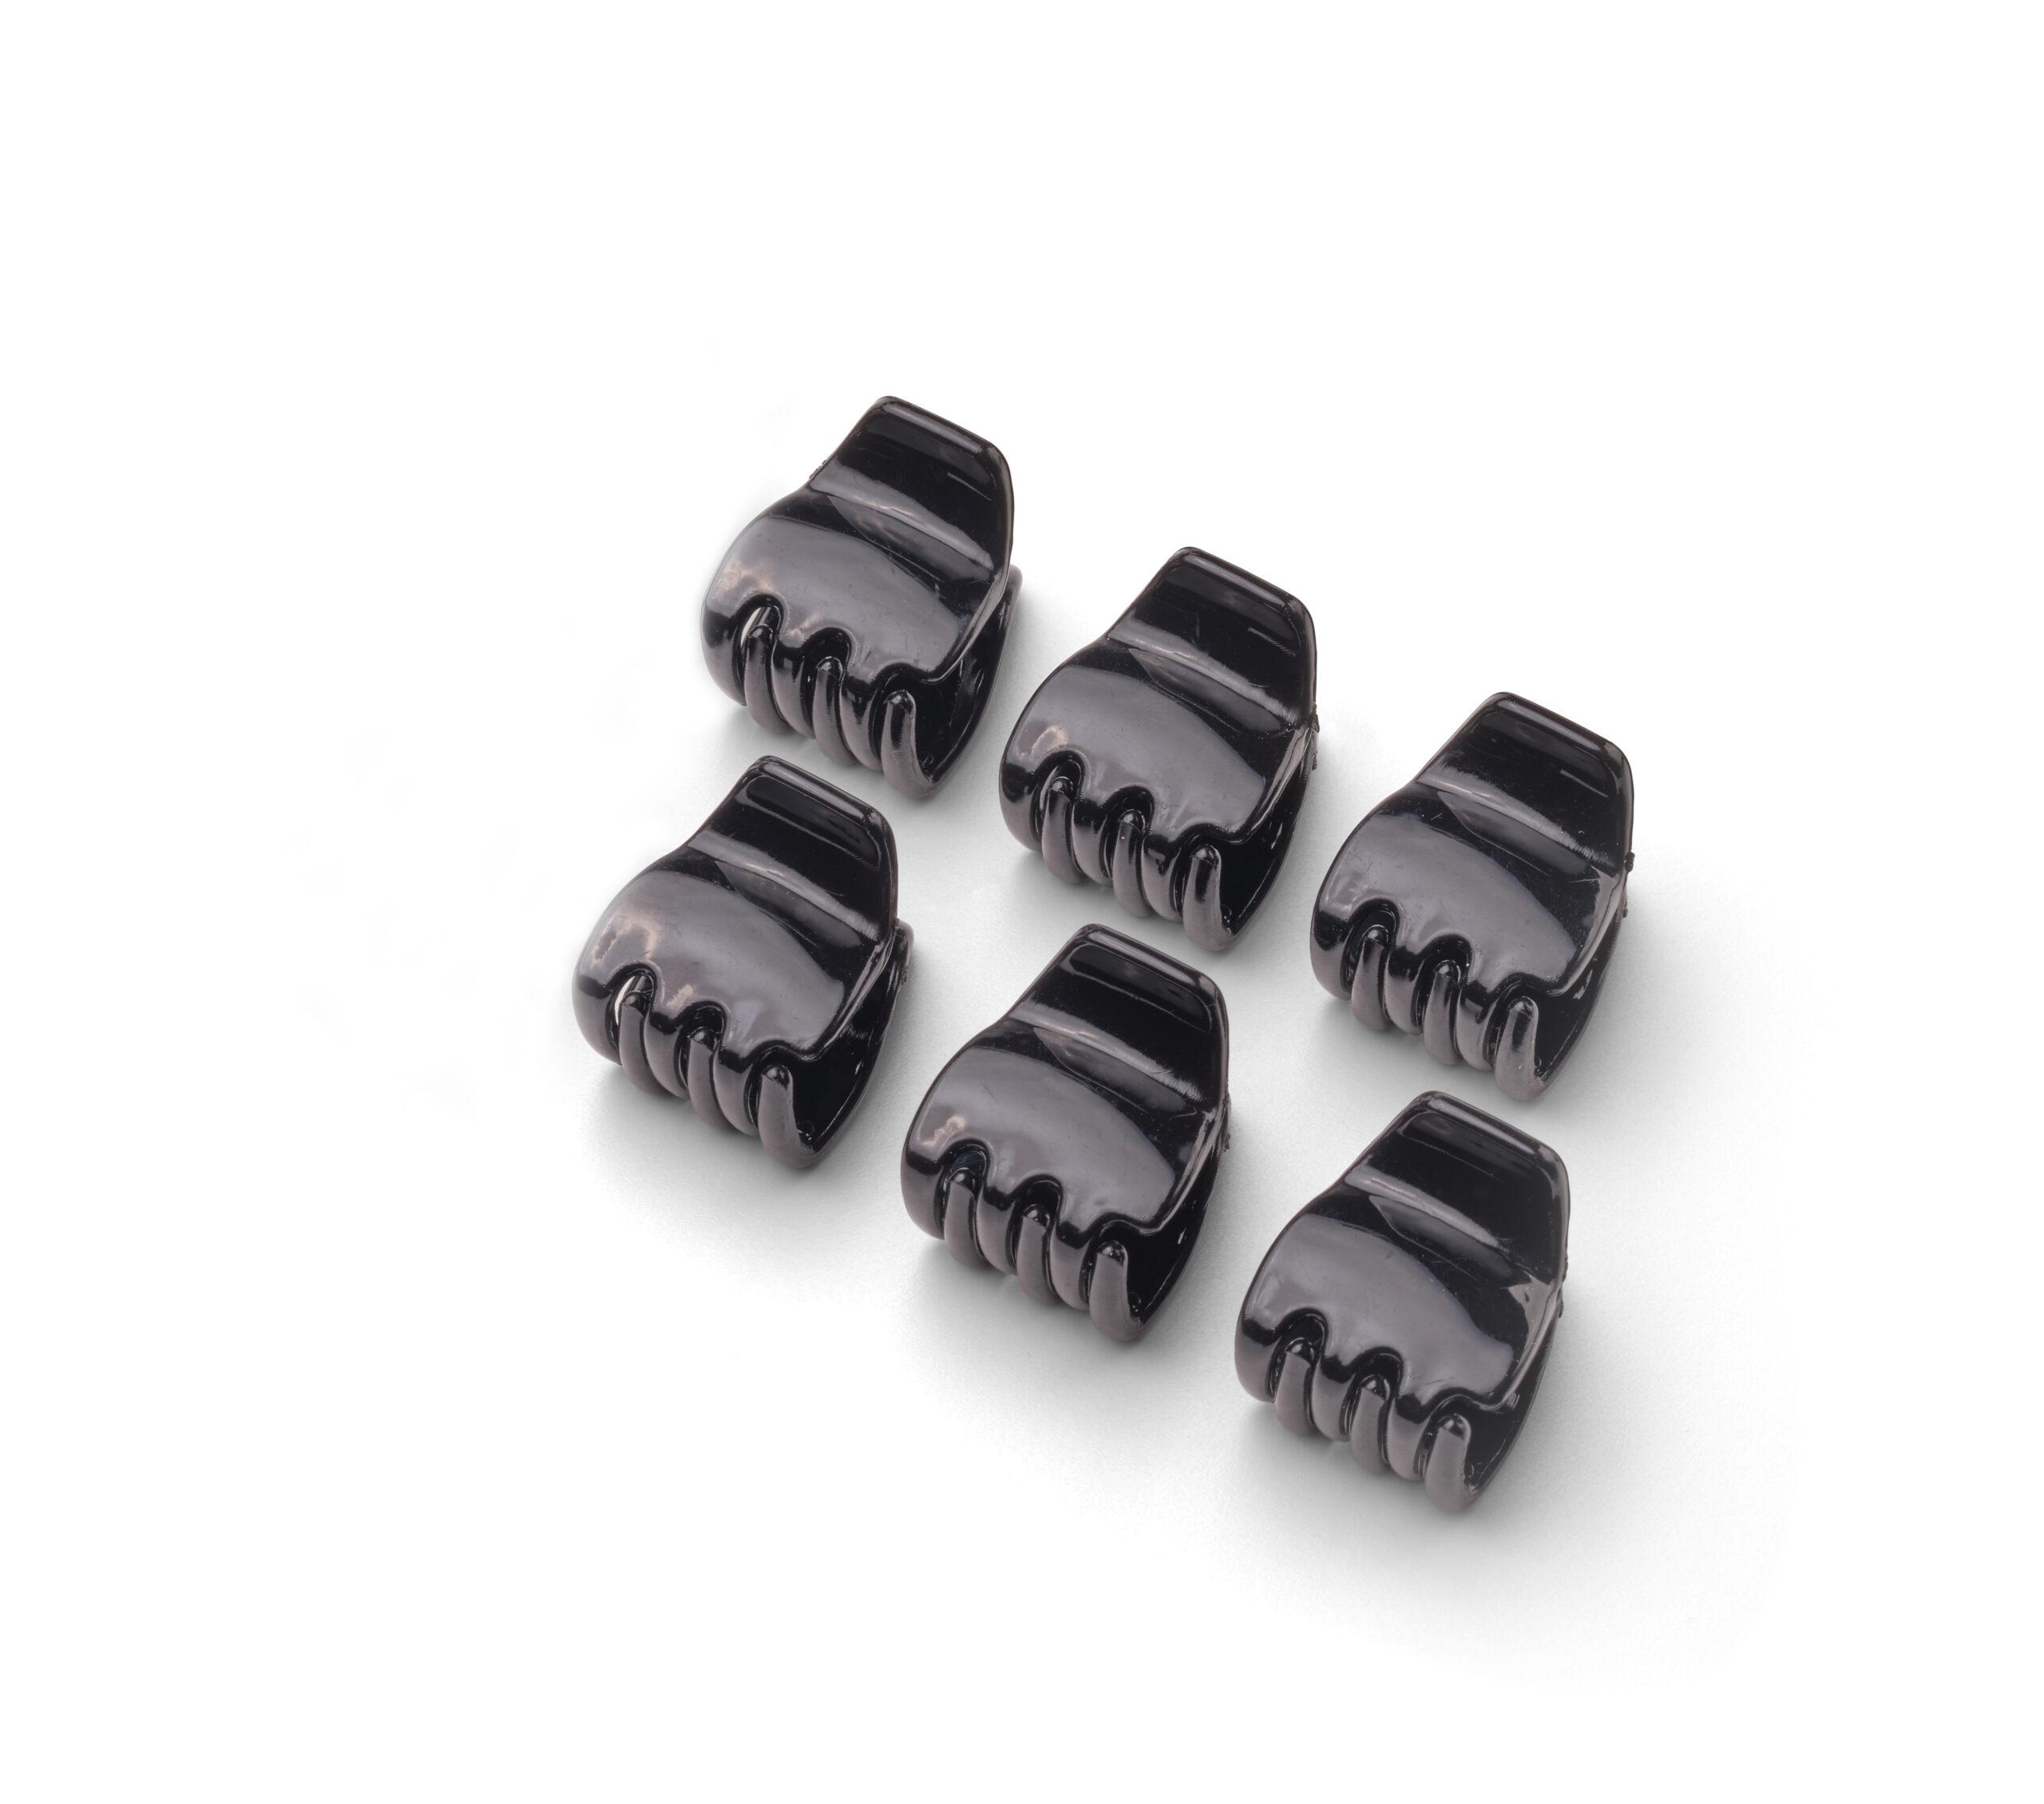 Set aus sechs schwarzen Haarklammern von Trisa Accessoires, ergonomisch geformt, aus flexiblem und strapazierfähigem Material gefertigt, made in Italy, auf weissem Hintergrund.